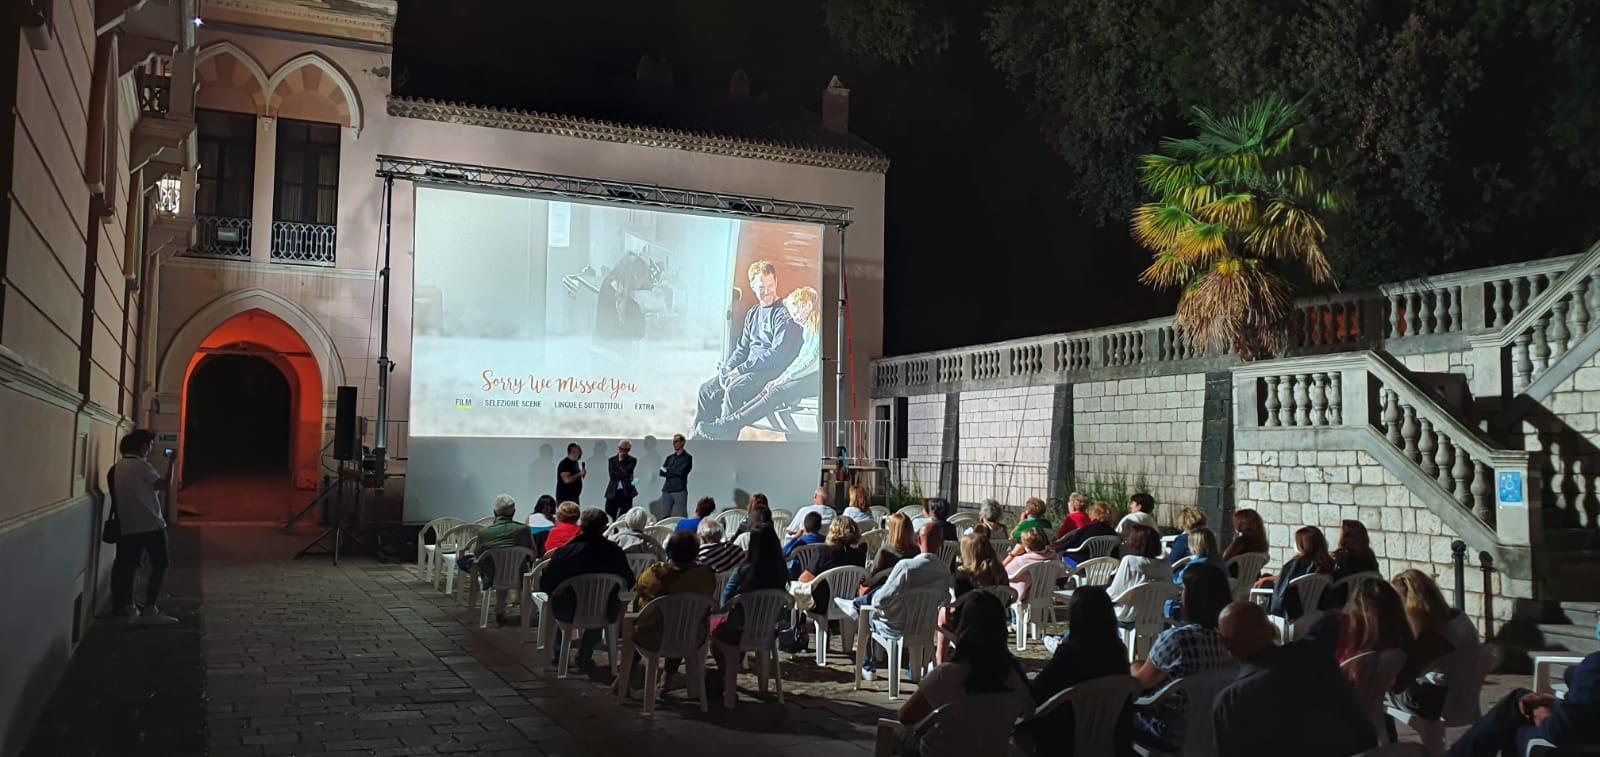 Per la XXVI edizione di CinEtica a Rionero la rassegna Effetto notte – il Cinema dei diritti negati